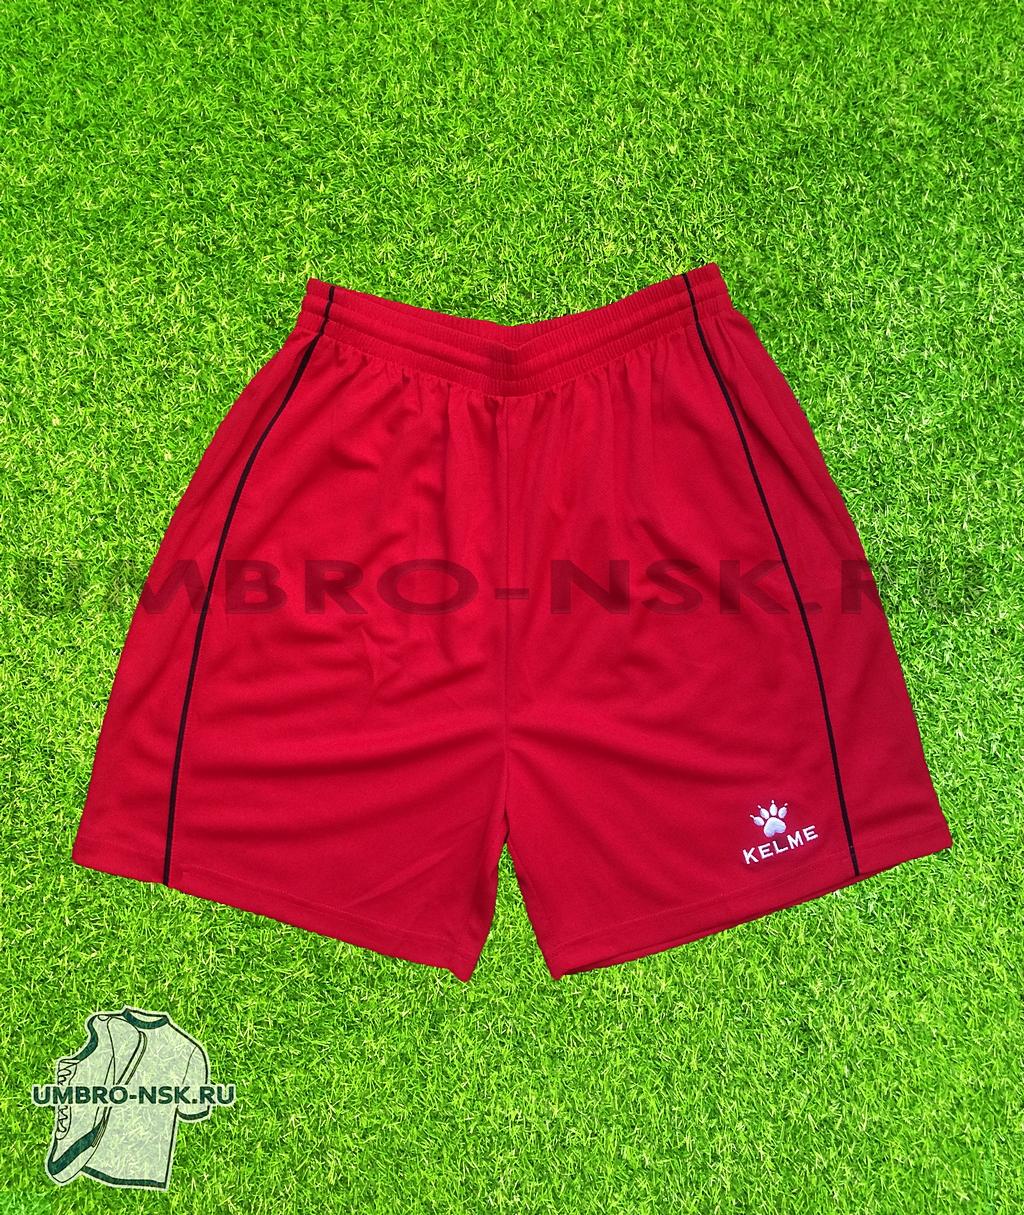 шорты kelme красные